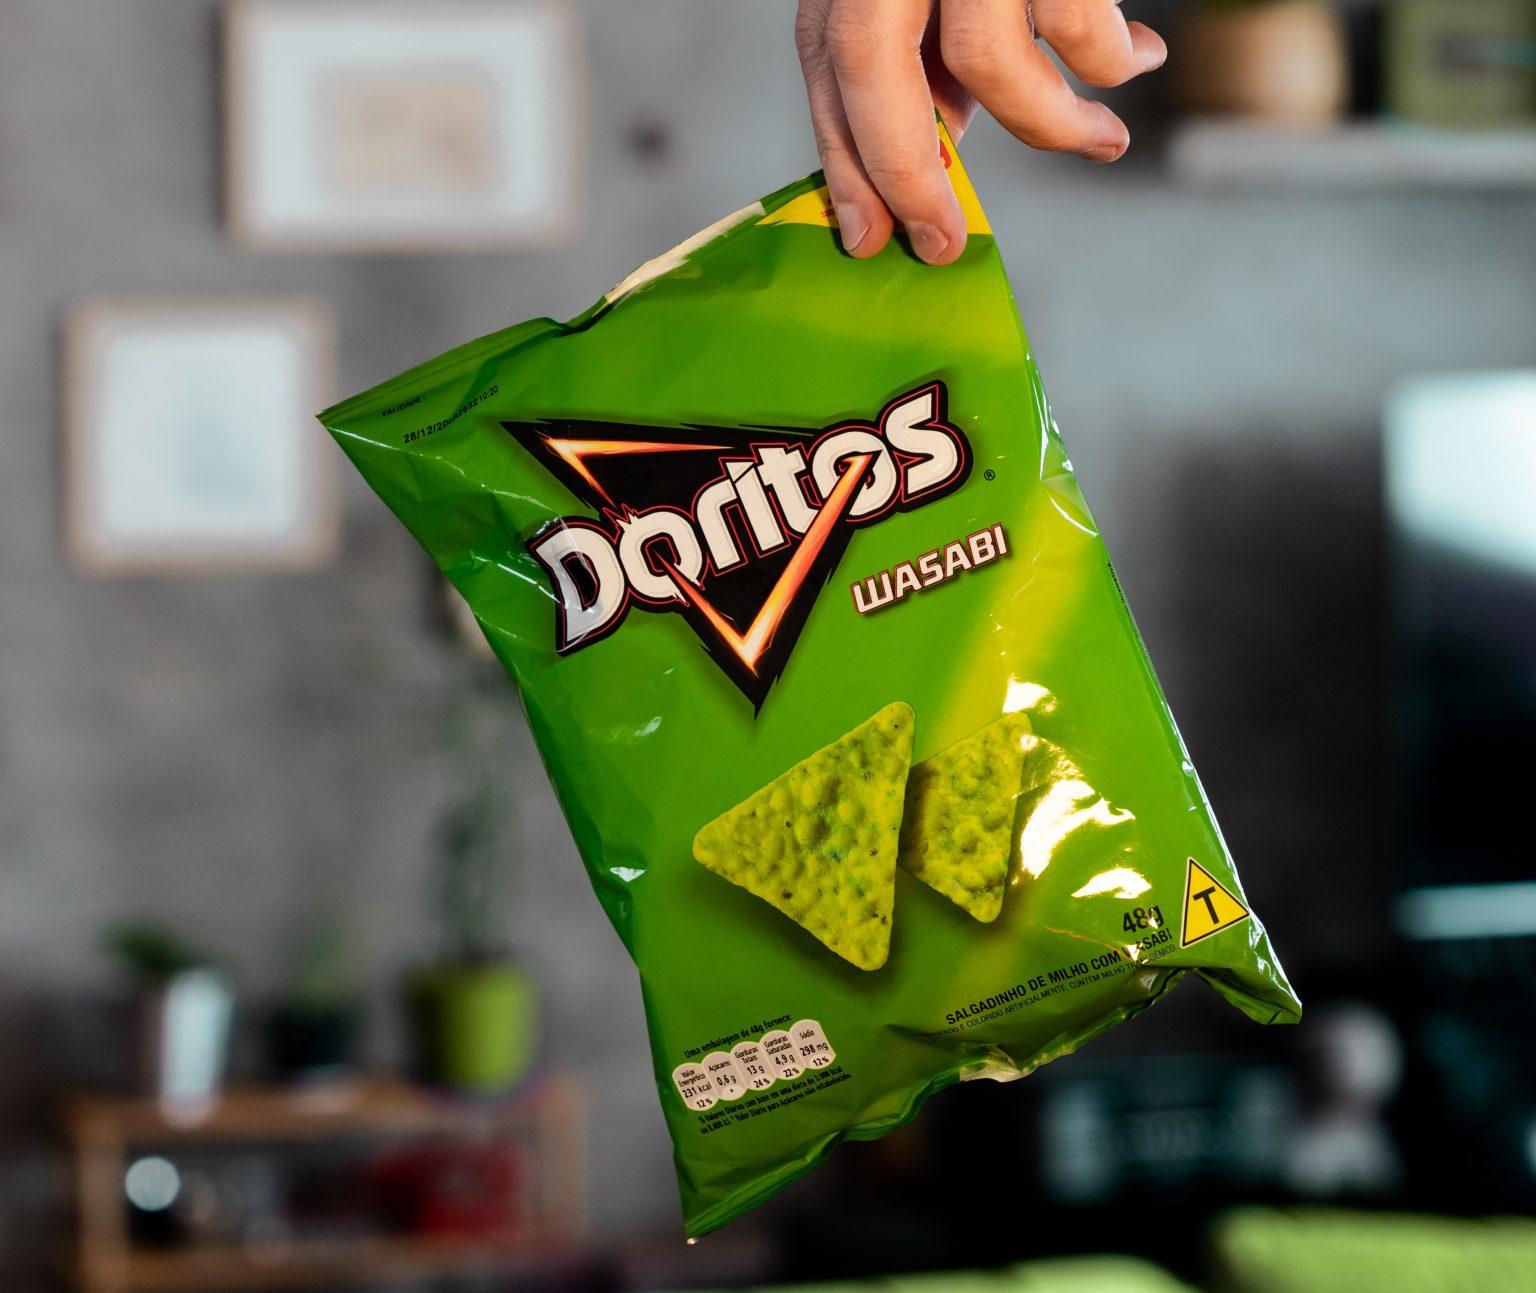 Doritos lanzó una campaña de realidad aumentada